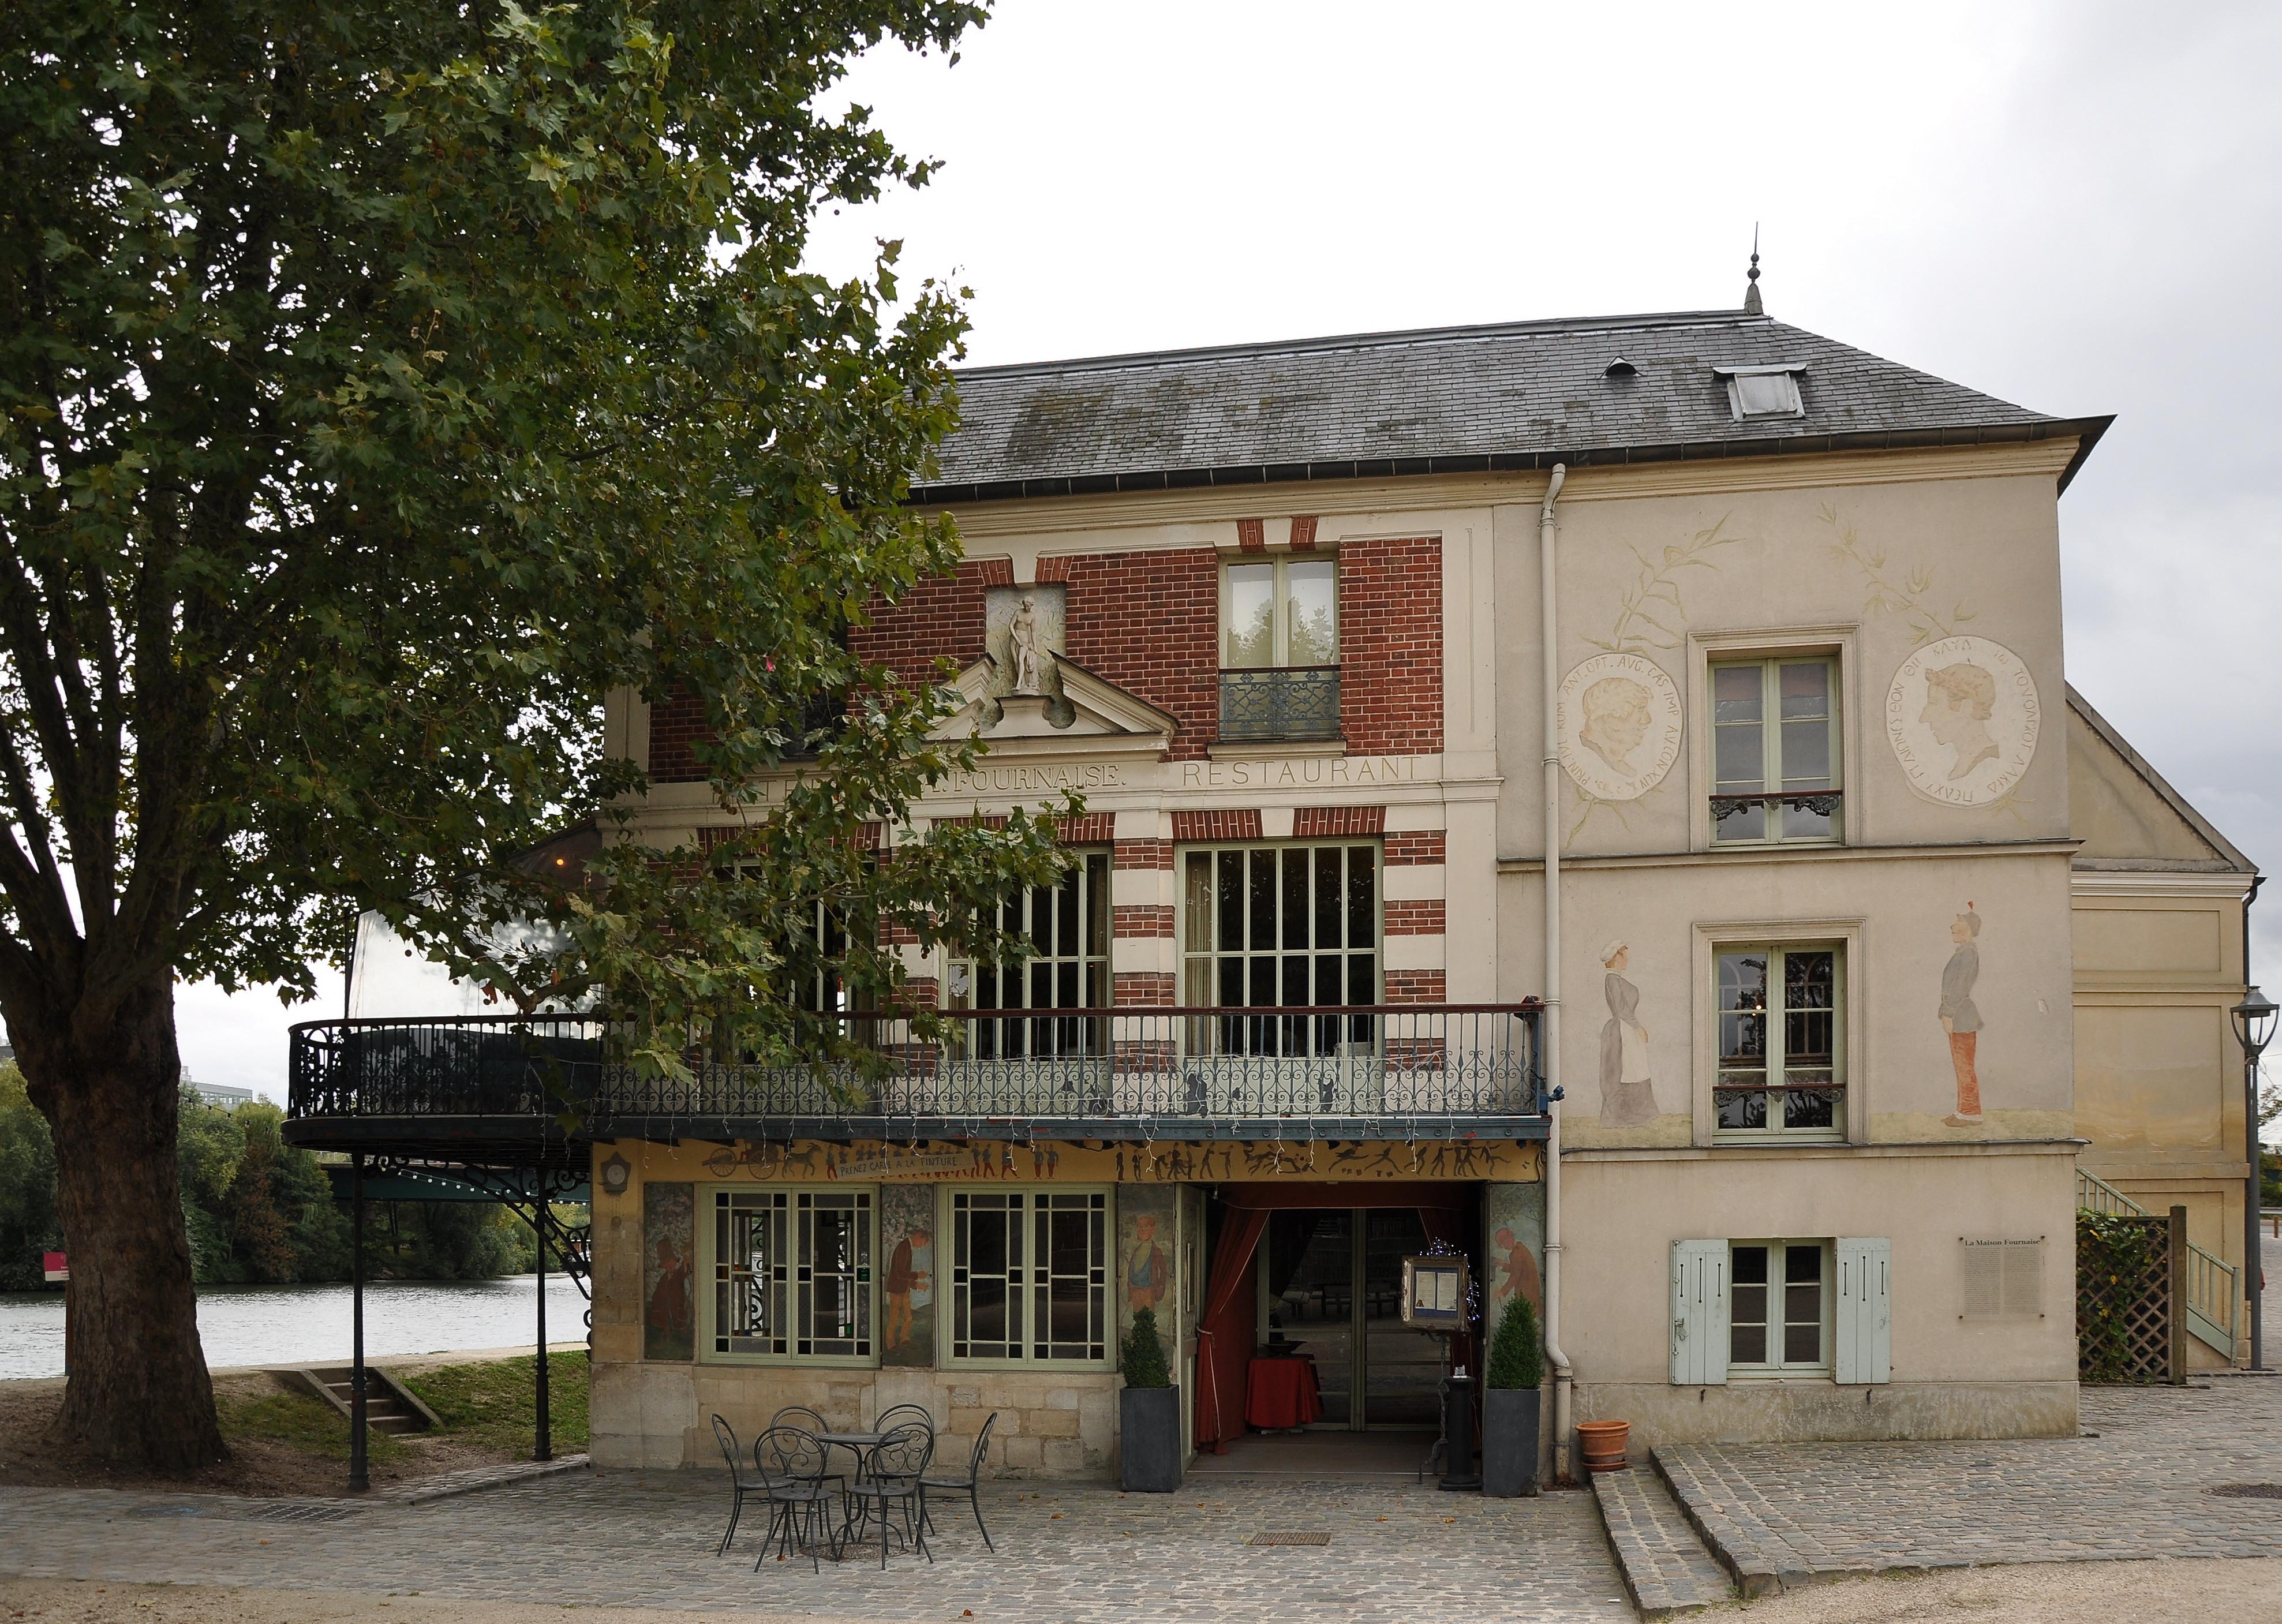 Fichier chatou la maison fournaise 002 jpg wikip dia for A la maison restaurant